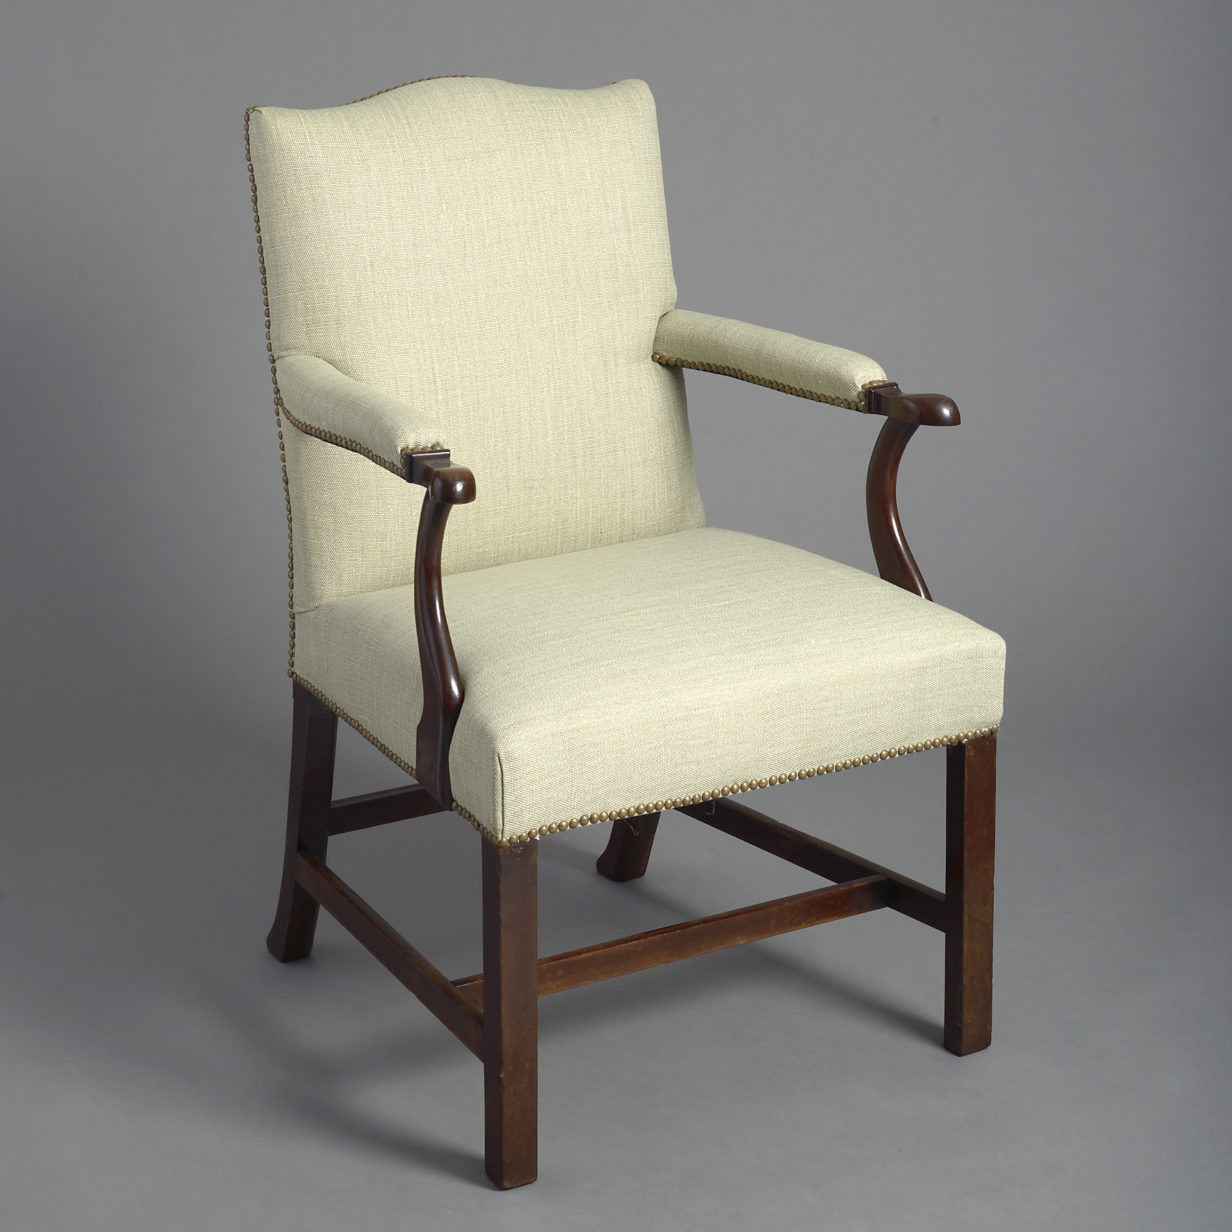 Gainsborough Armchair